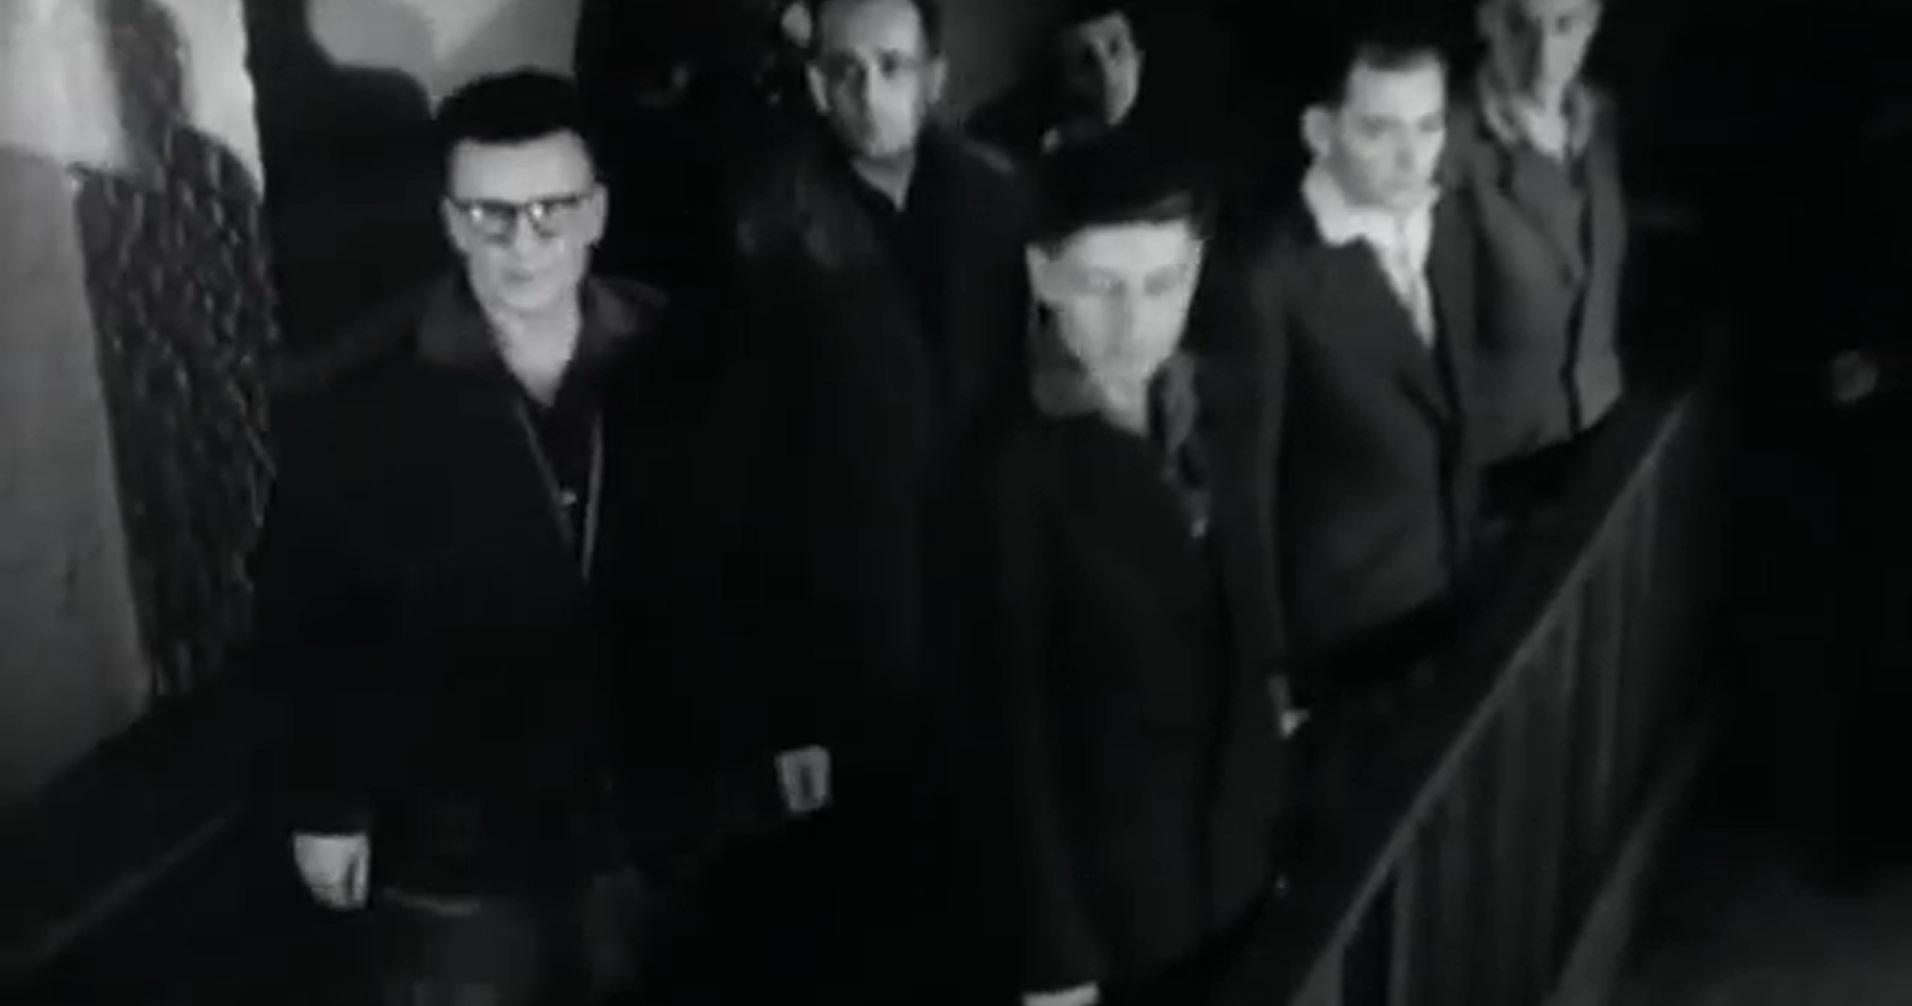 Cei sase hoti au fost prinsi imediat judecati, iar cinci dintre ei au fost condamnati la moarte